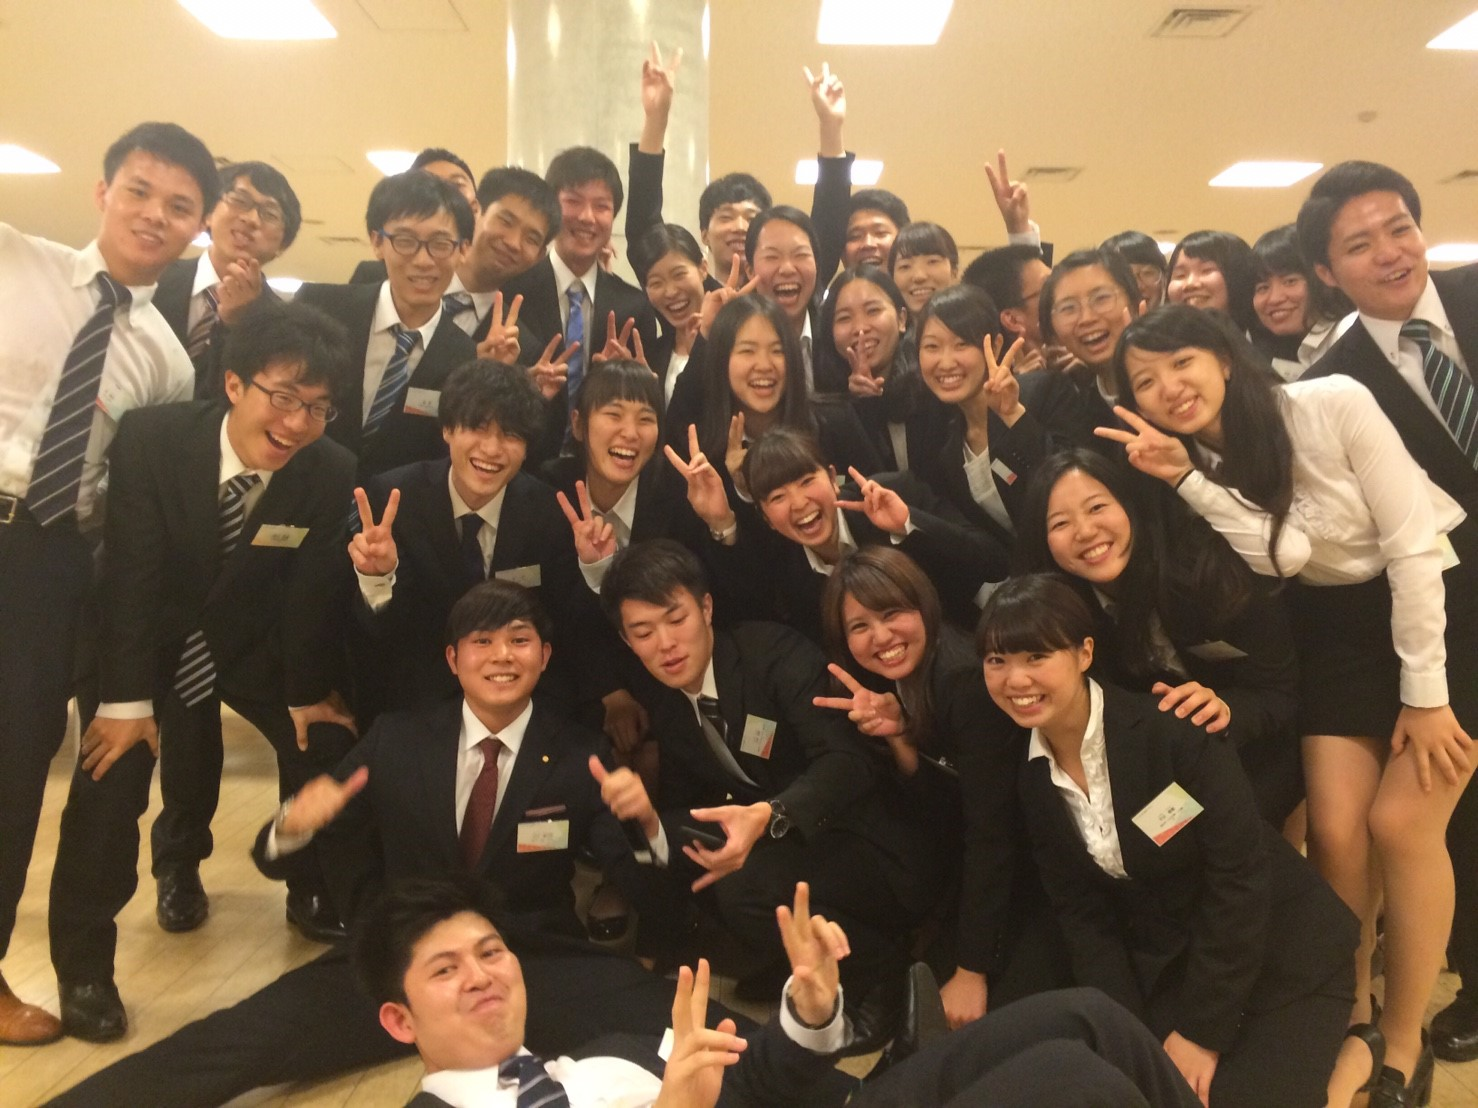 中学生 【リードアジア2017 夏季プログラム参加者二次募集開始!】